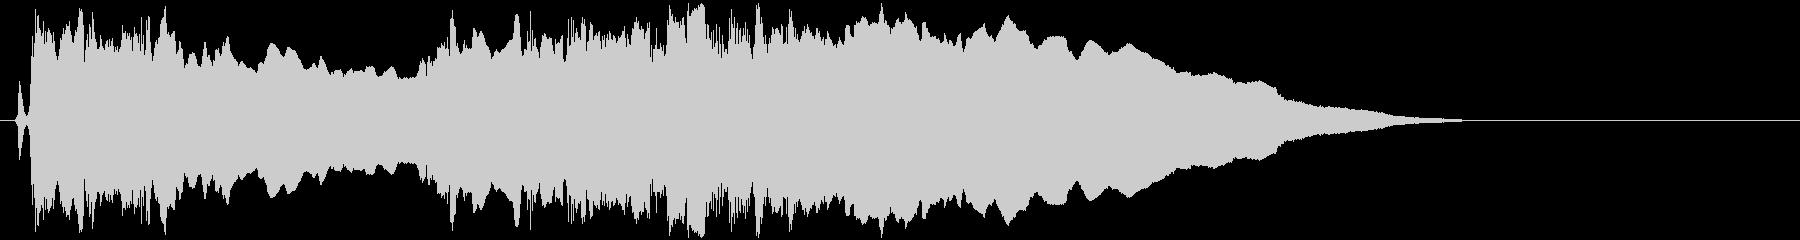 ギターフレーズ003の未再生の波形